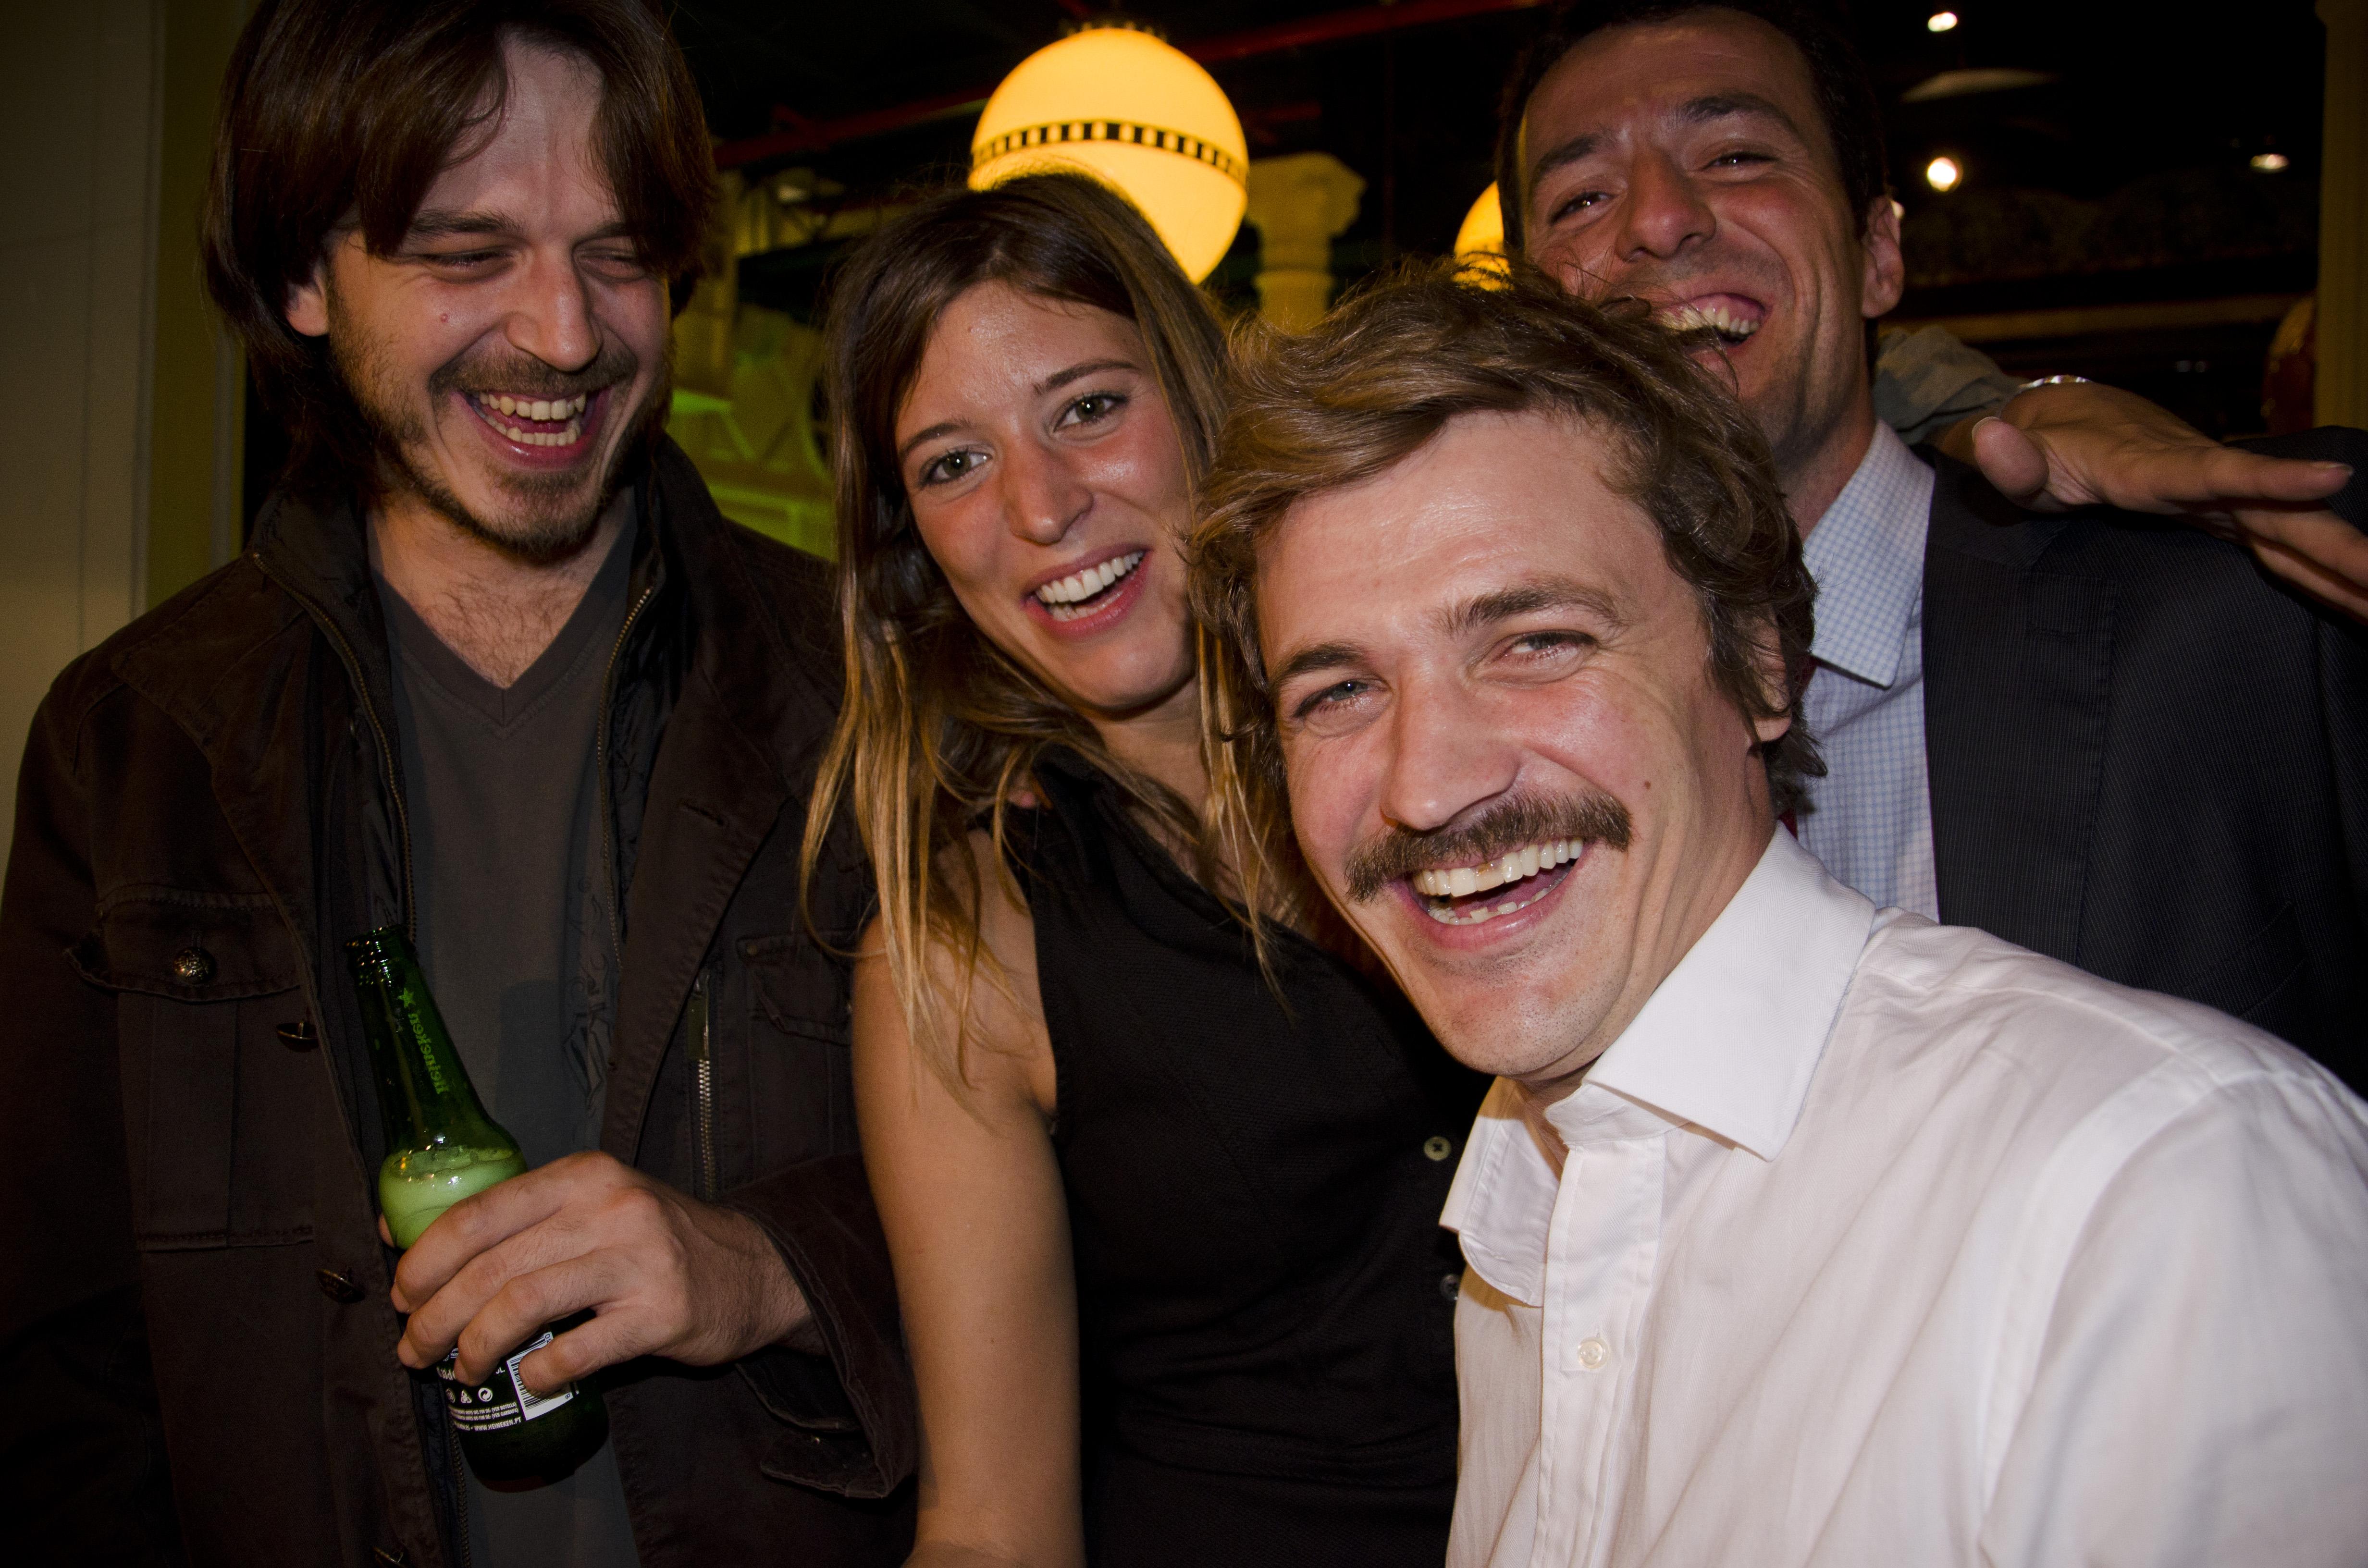 Moustache plas moustache (Bcn)